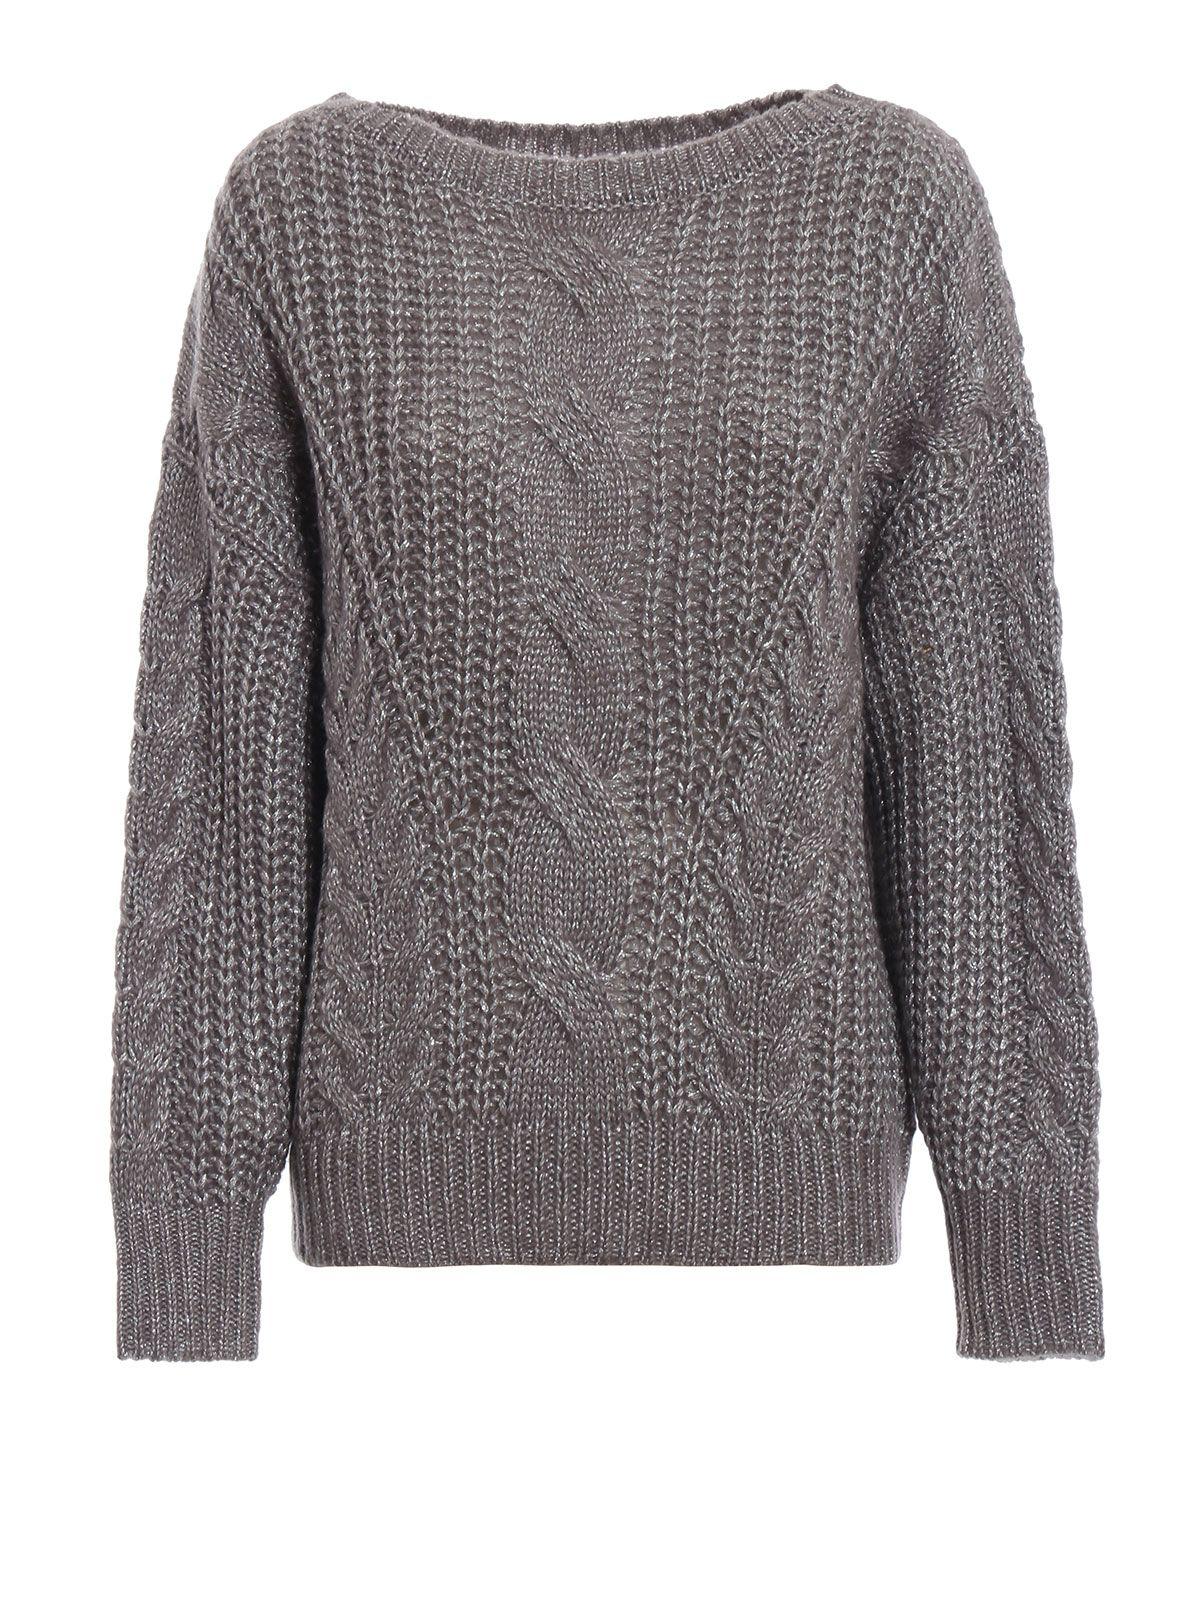 Lurex Round Neck Sweater